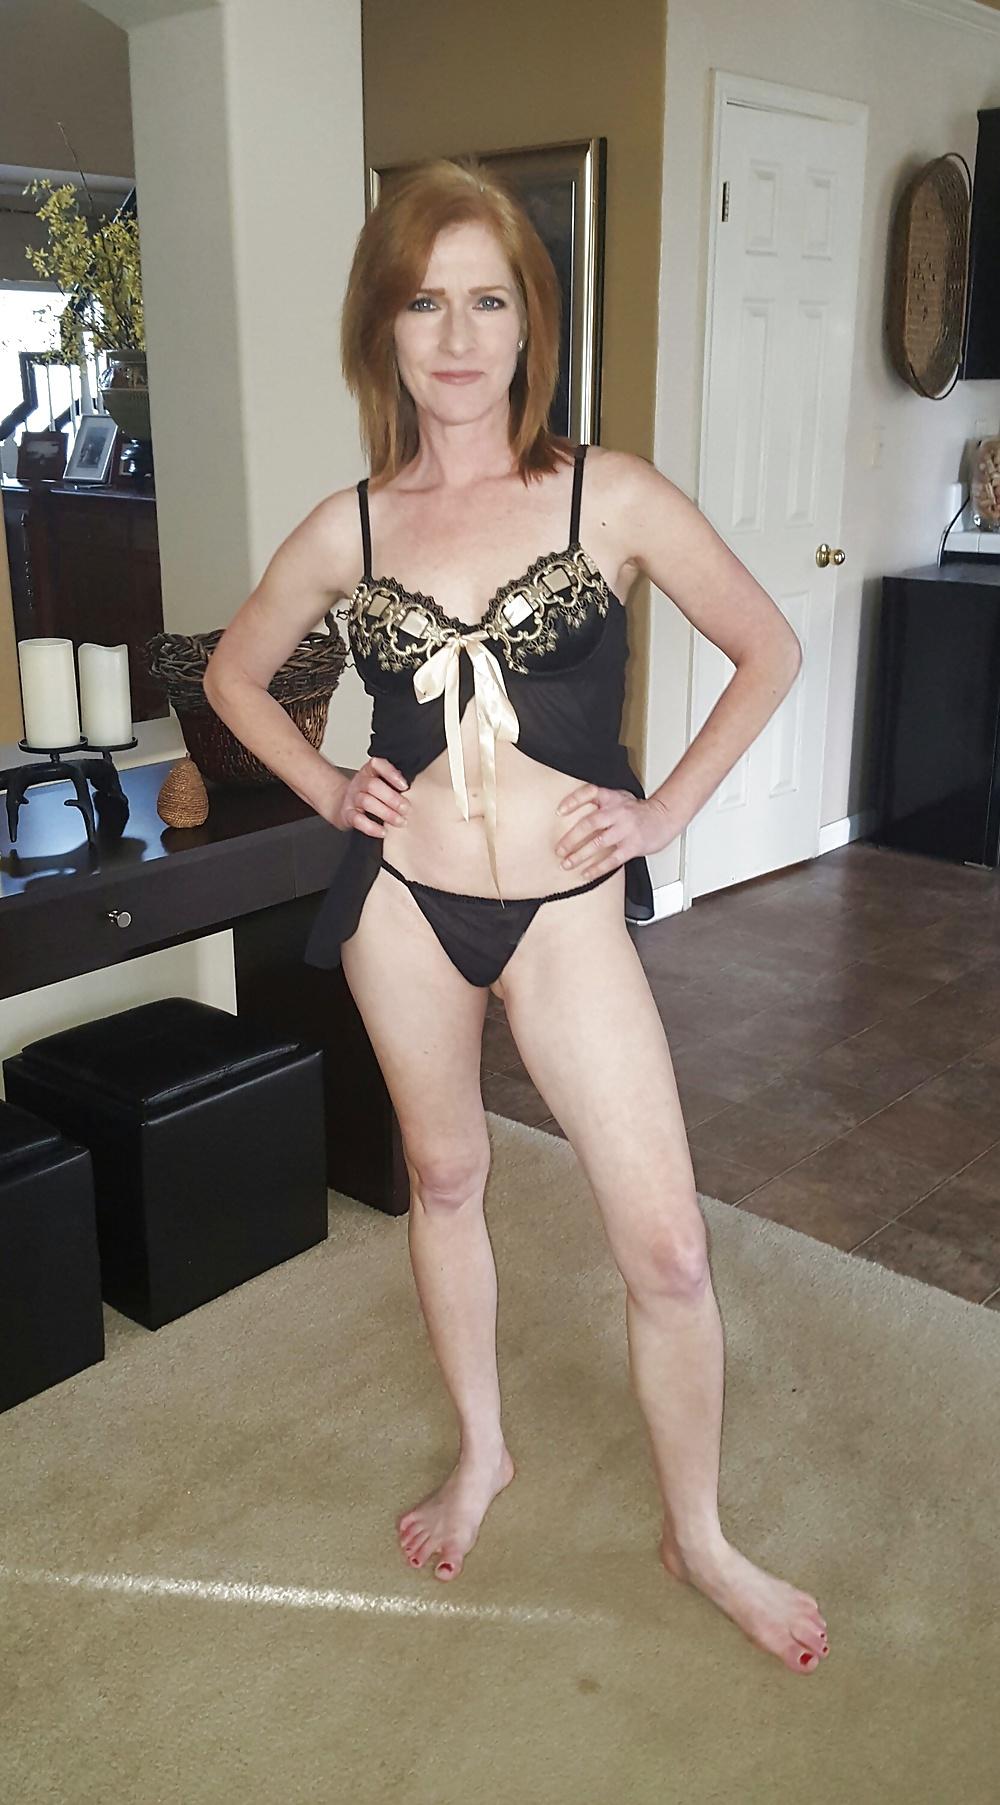 Erotische Mature Blonde in kostenlos Fotos - Bild 6